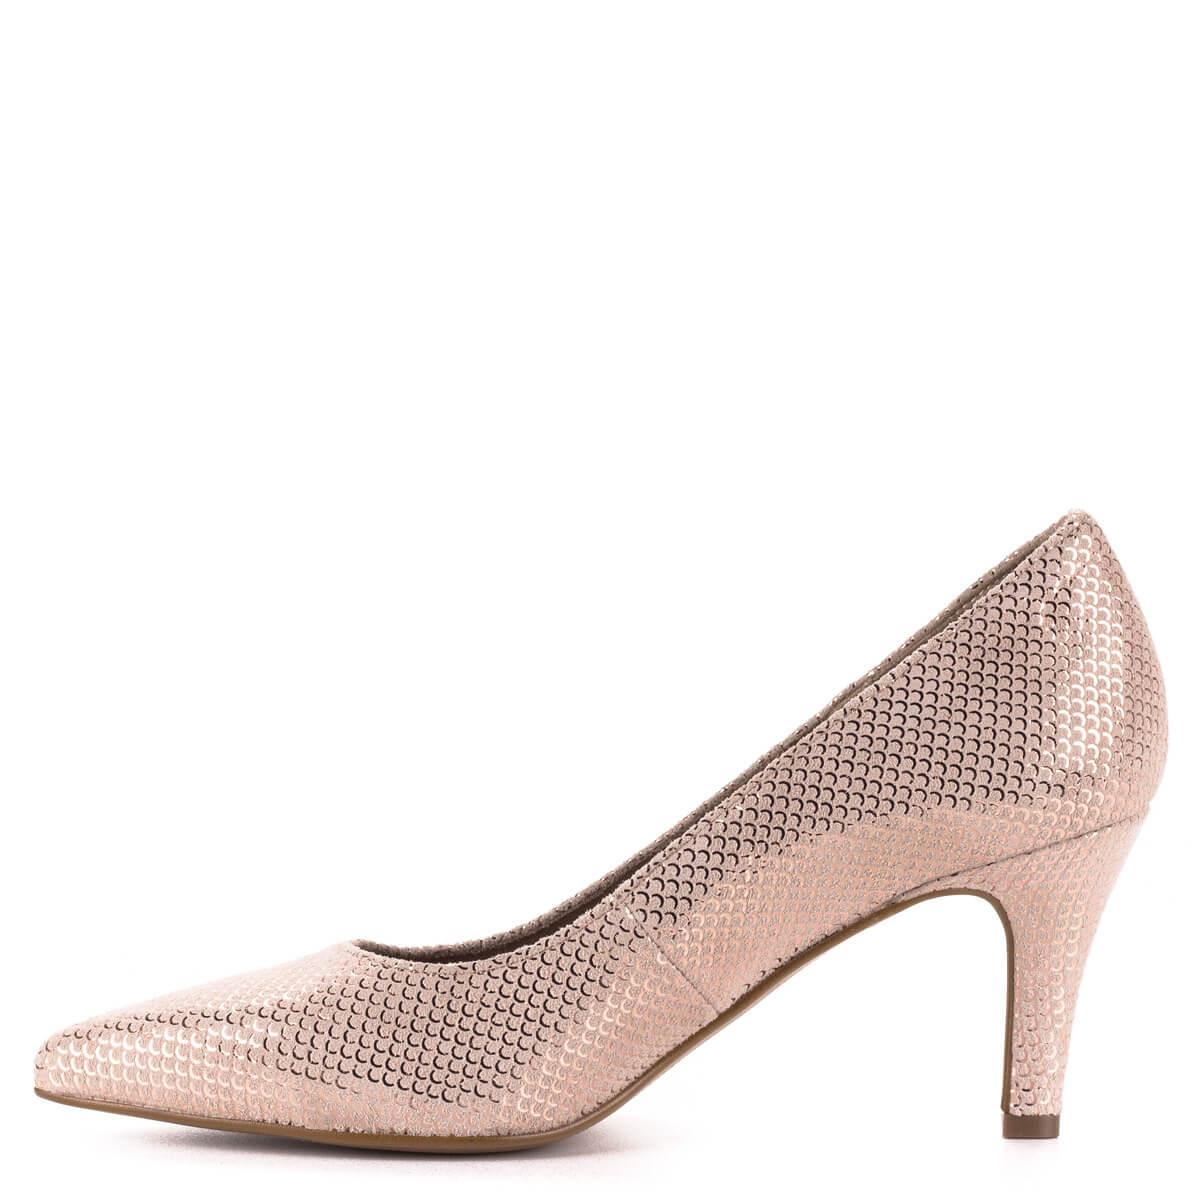 ... Tamaris rózsaszín alkalmi cipő strukturált bőrből. A cipő felületét  apró sorminta díszíti cfd45dbf0e